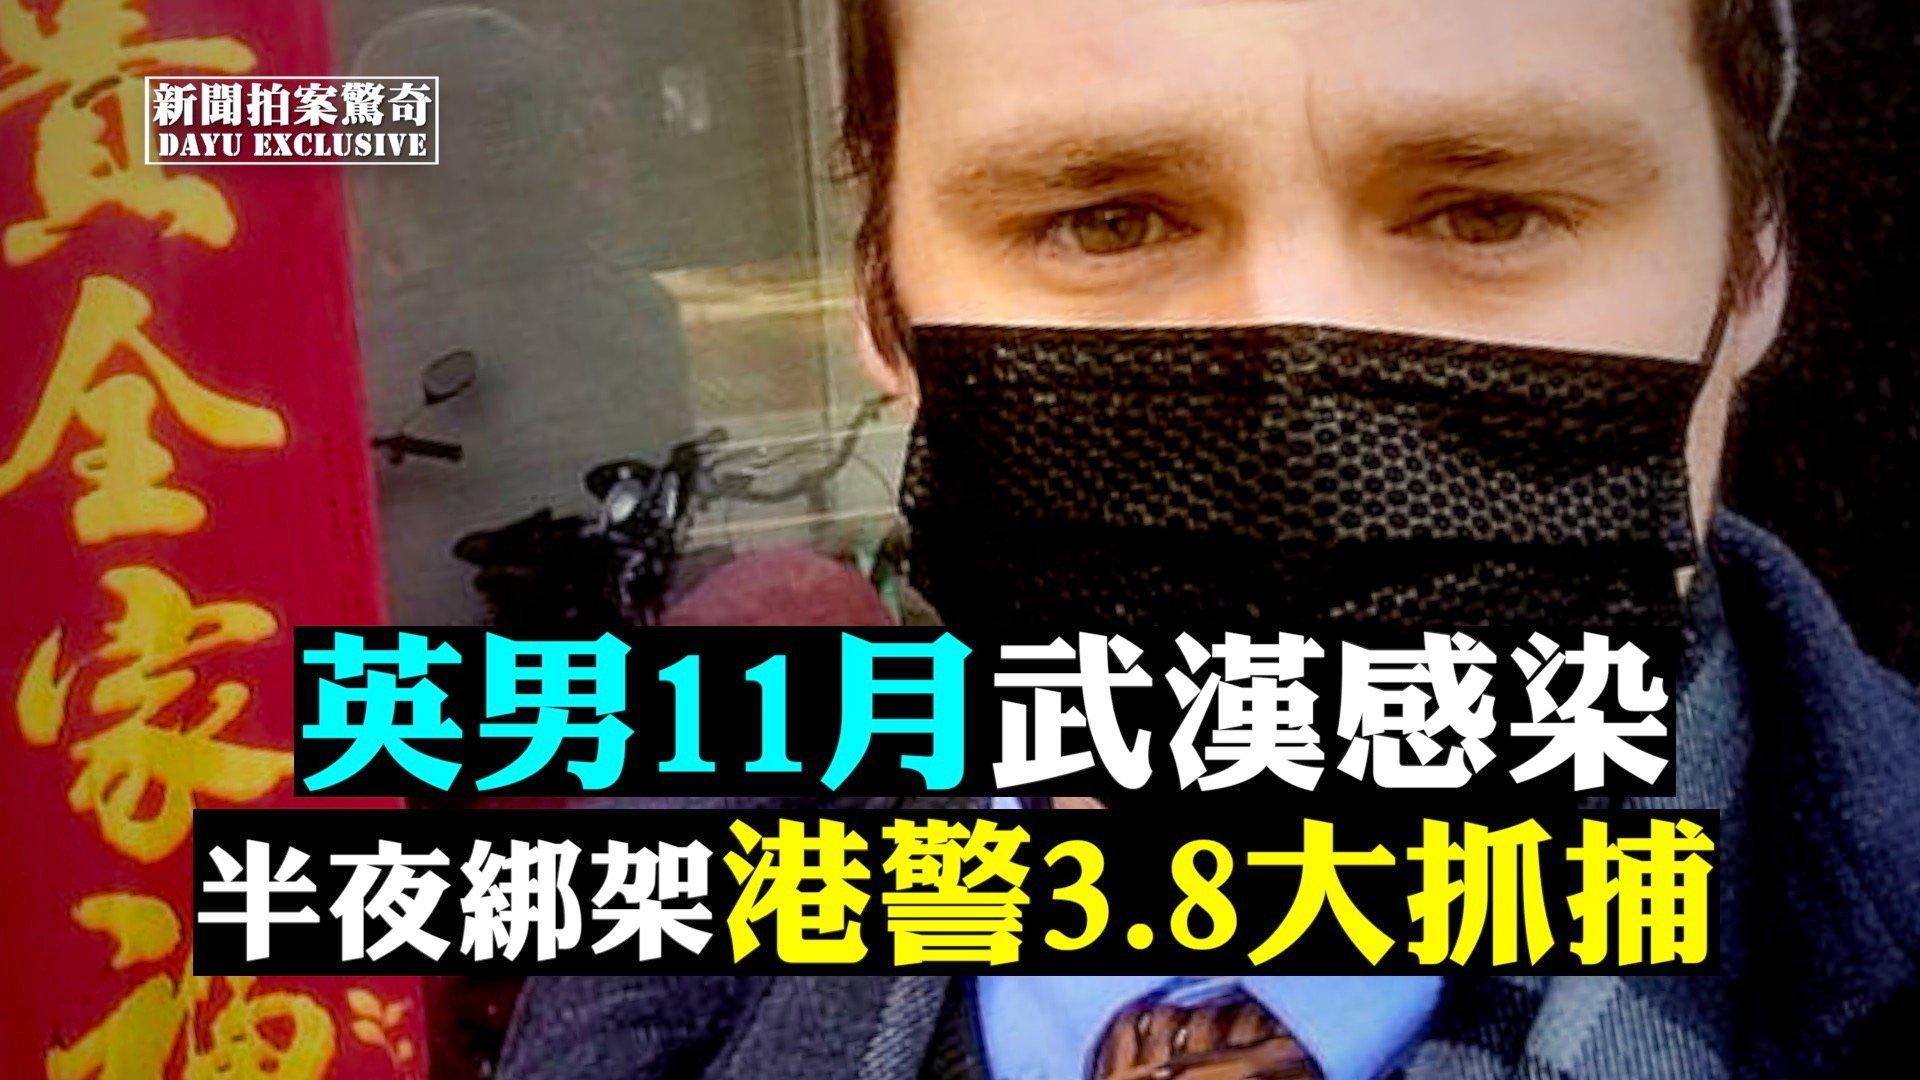 英國男子透露去年11月就在武漢中共病毒;疫情籠罩下,港府秋後大抓捕。(新唐人合成)